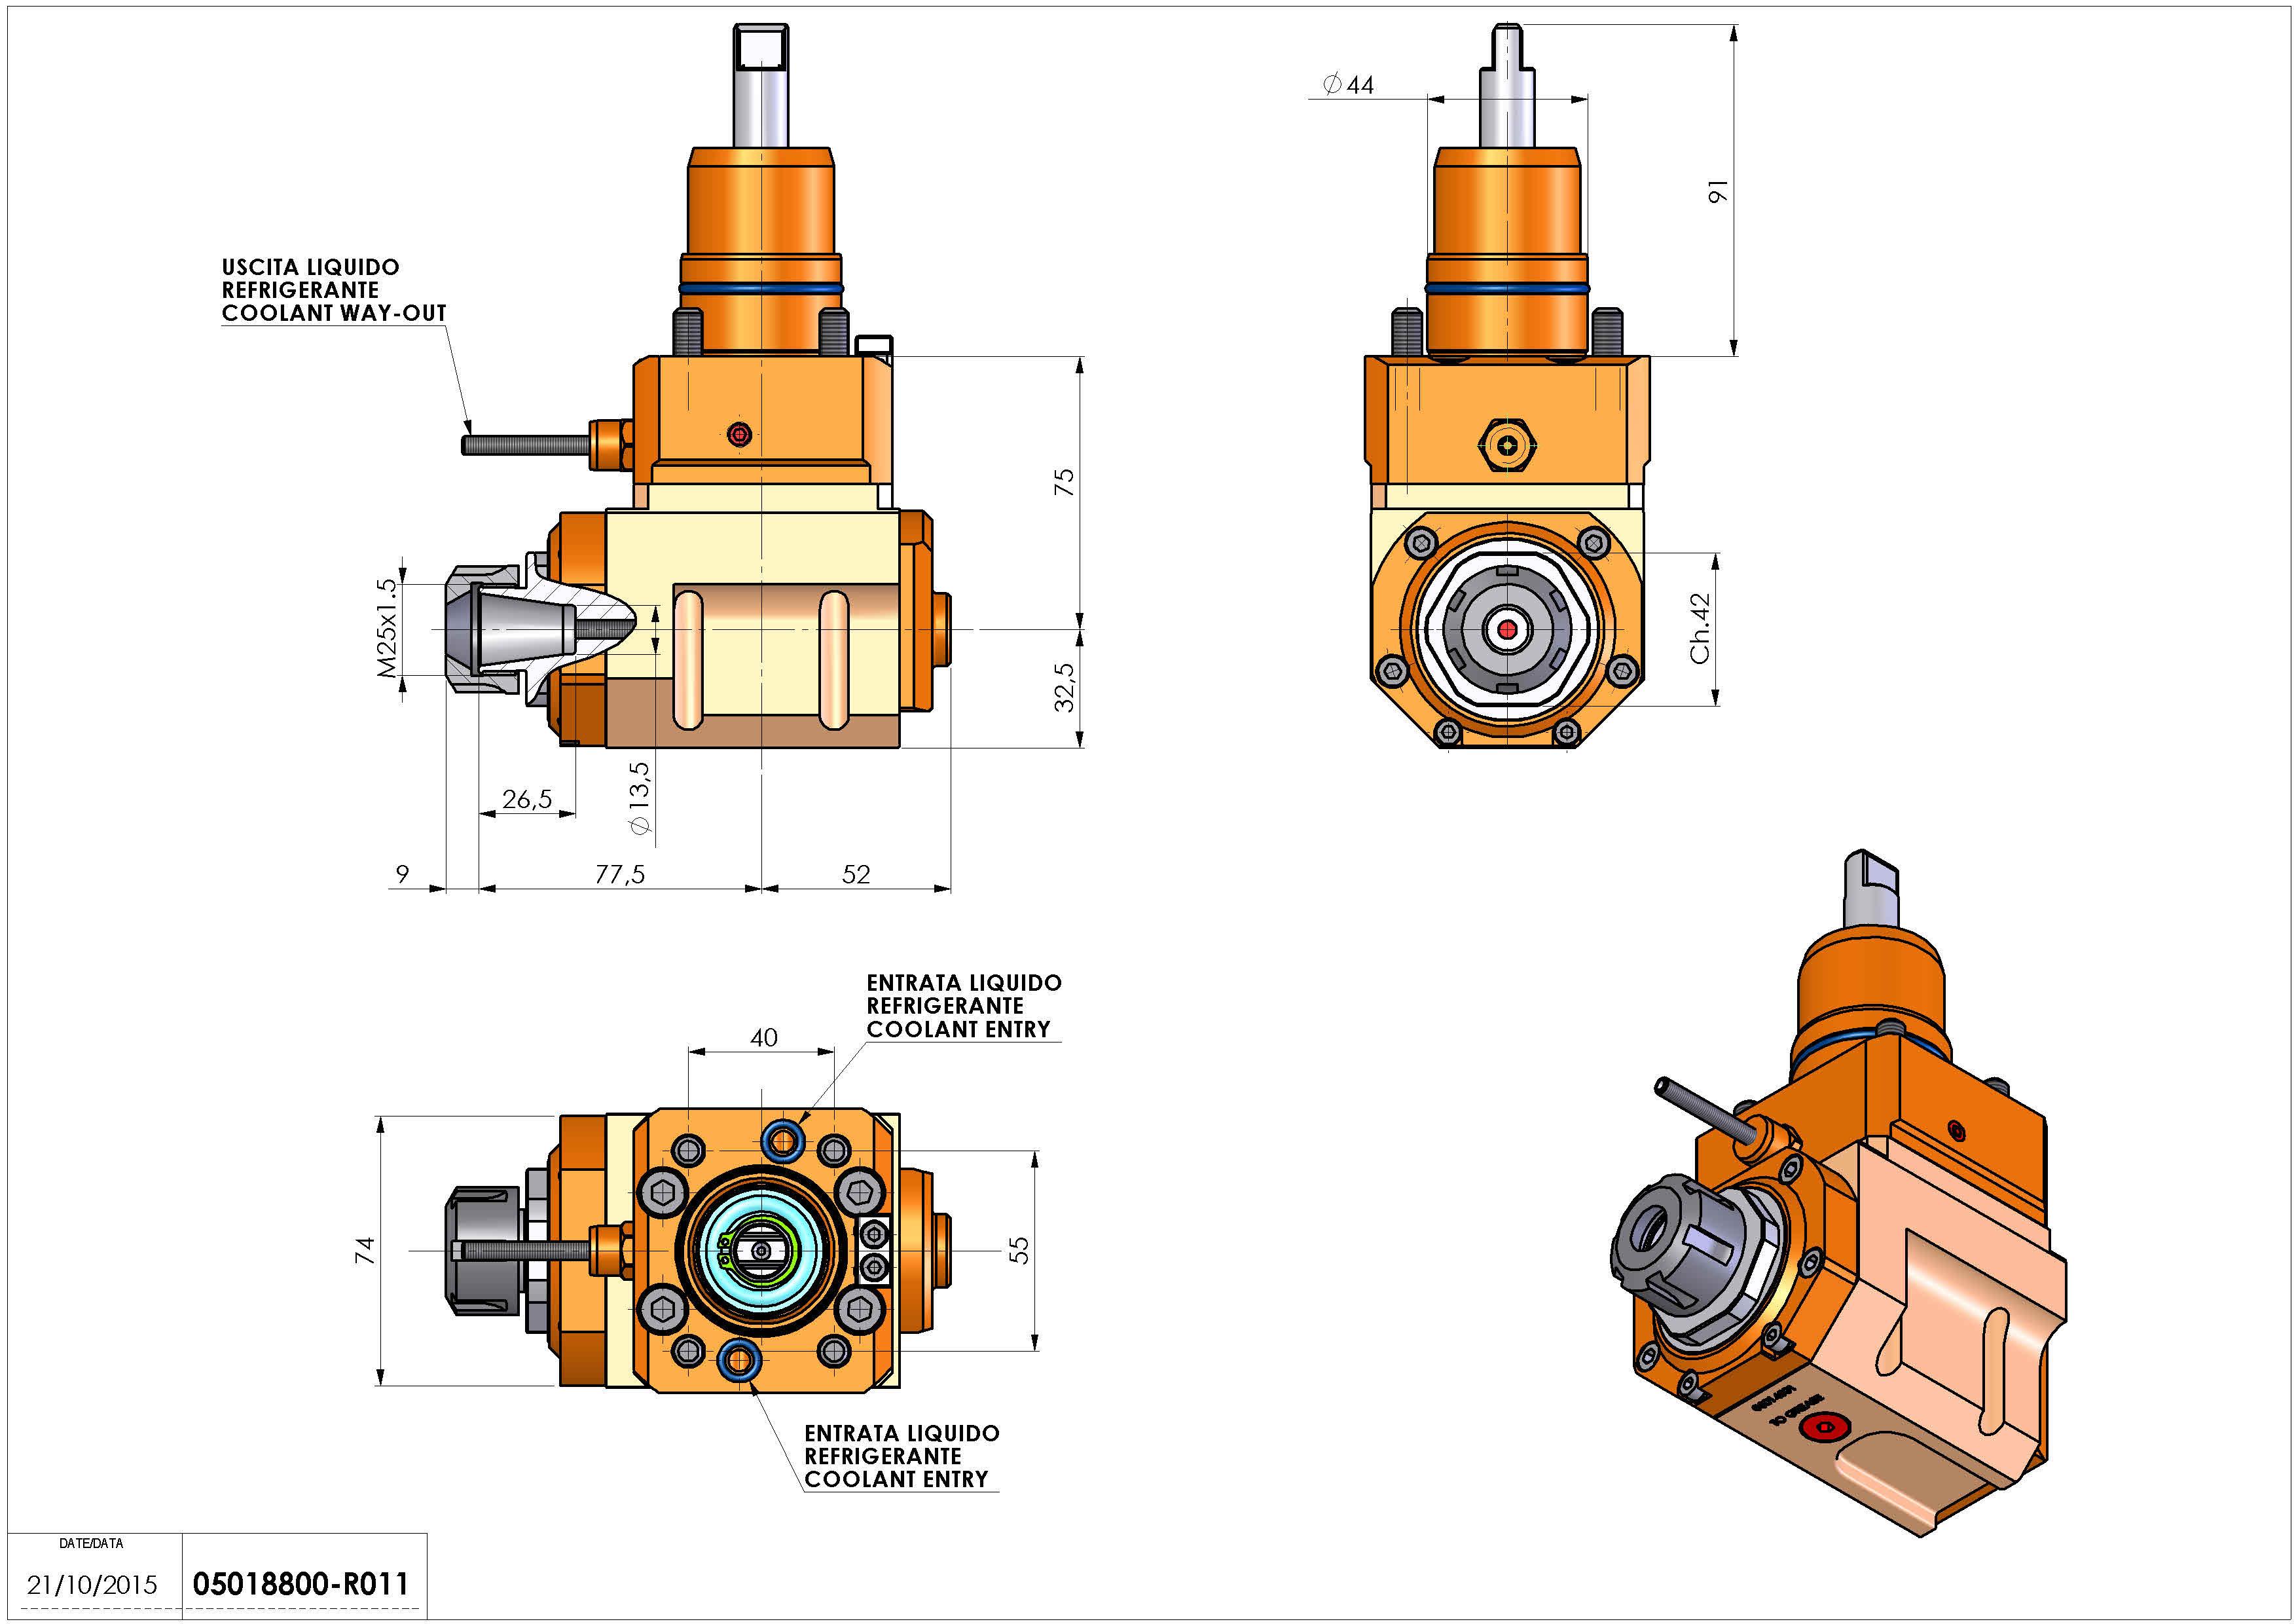 Technical image - LT-A D44 ER20 L-R H75 NK.